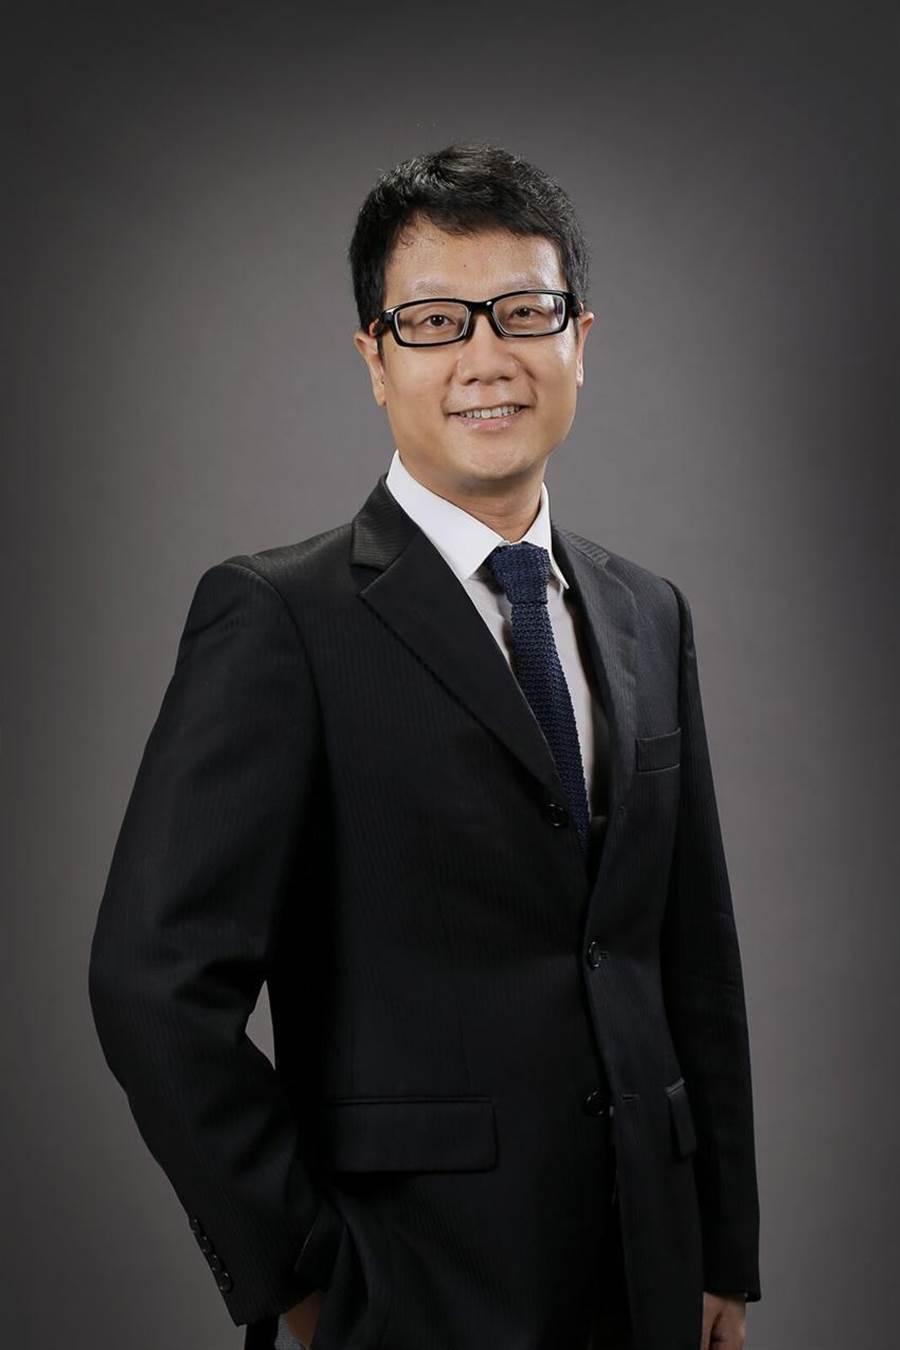 國泰航空集團台灣區新任總經理徐谷昀。圖/國泰提供